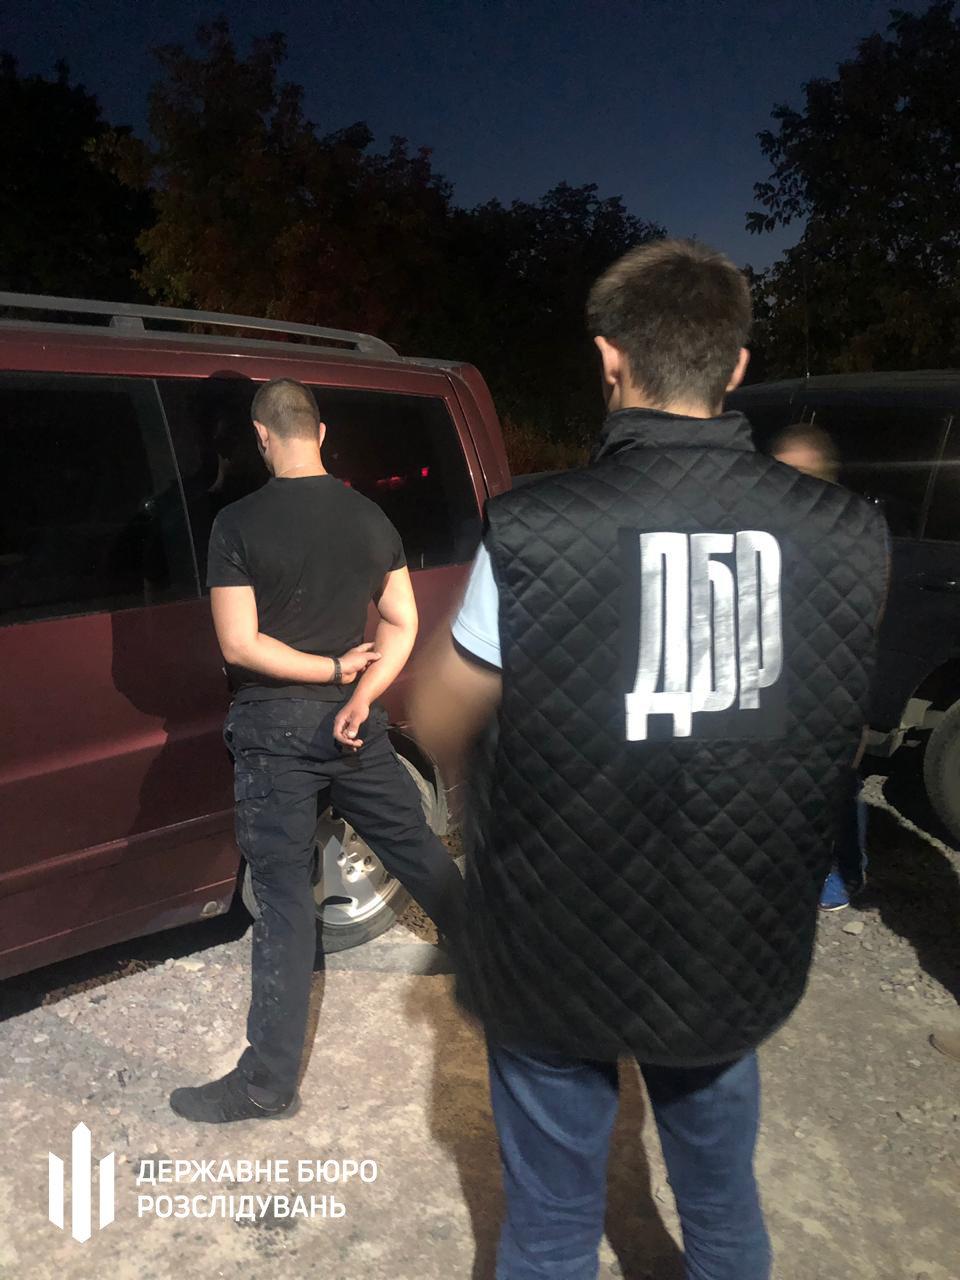 Посадовець Нацполіції продавав наркотики та фальсифікований алкоголь - хмельницькі правоохоронці (ФОТО), фото-7